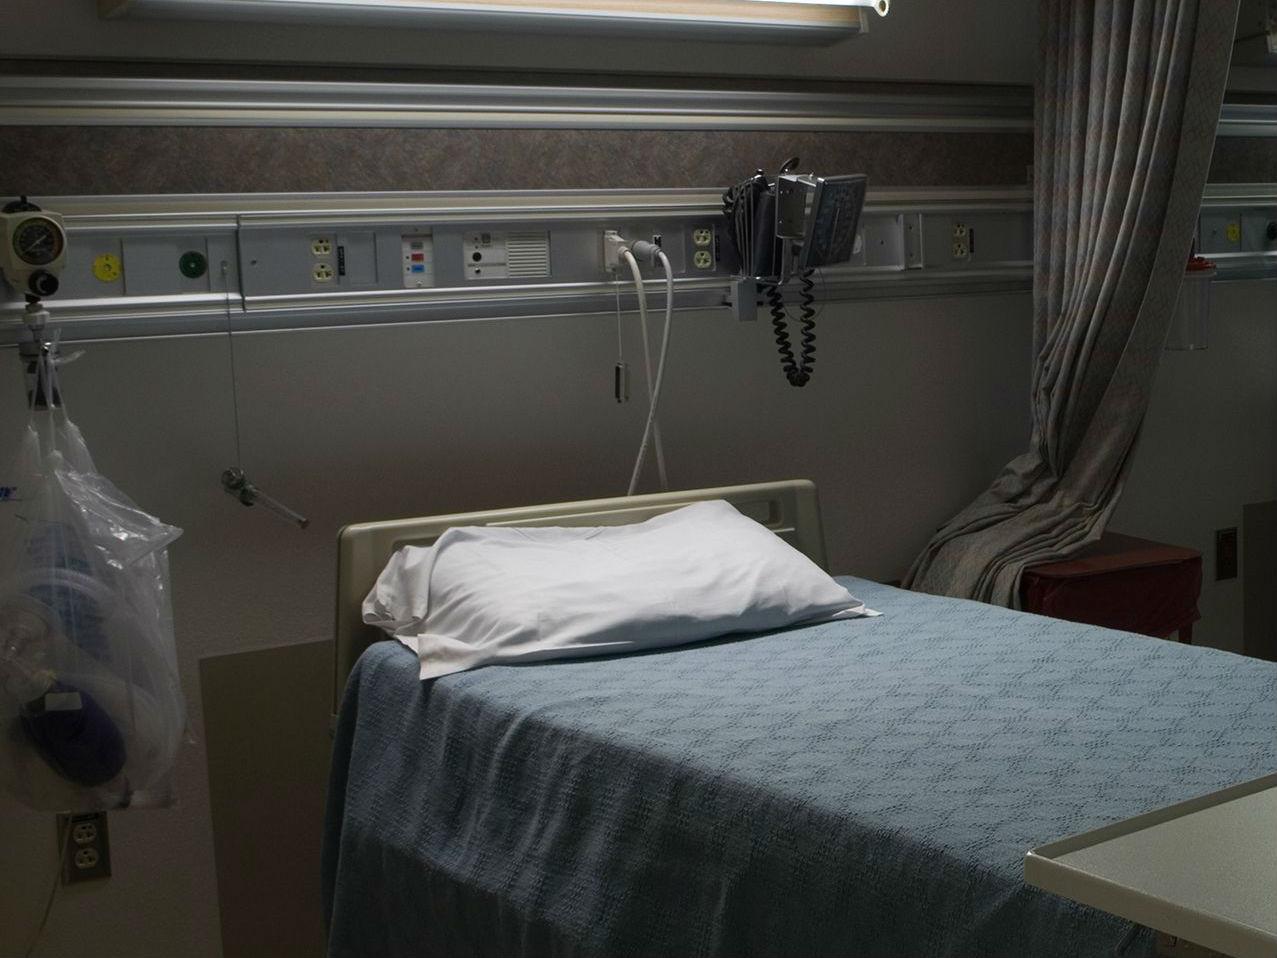 美媒称10年来最严重流感肆虐美国:有人患病3天便离世